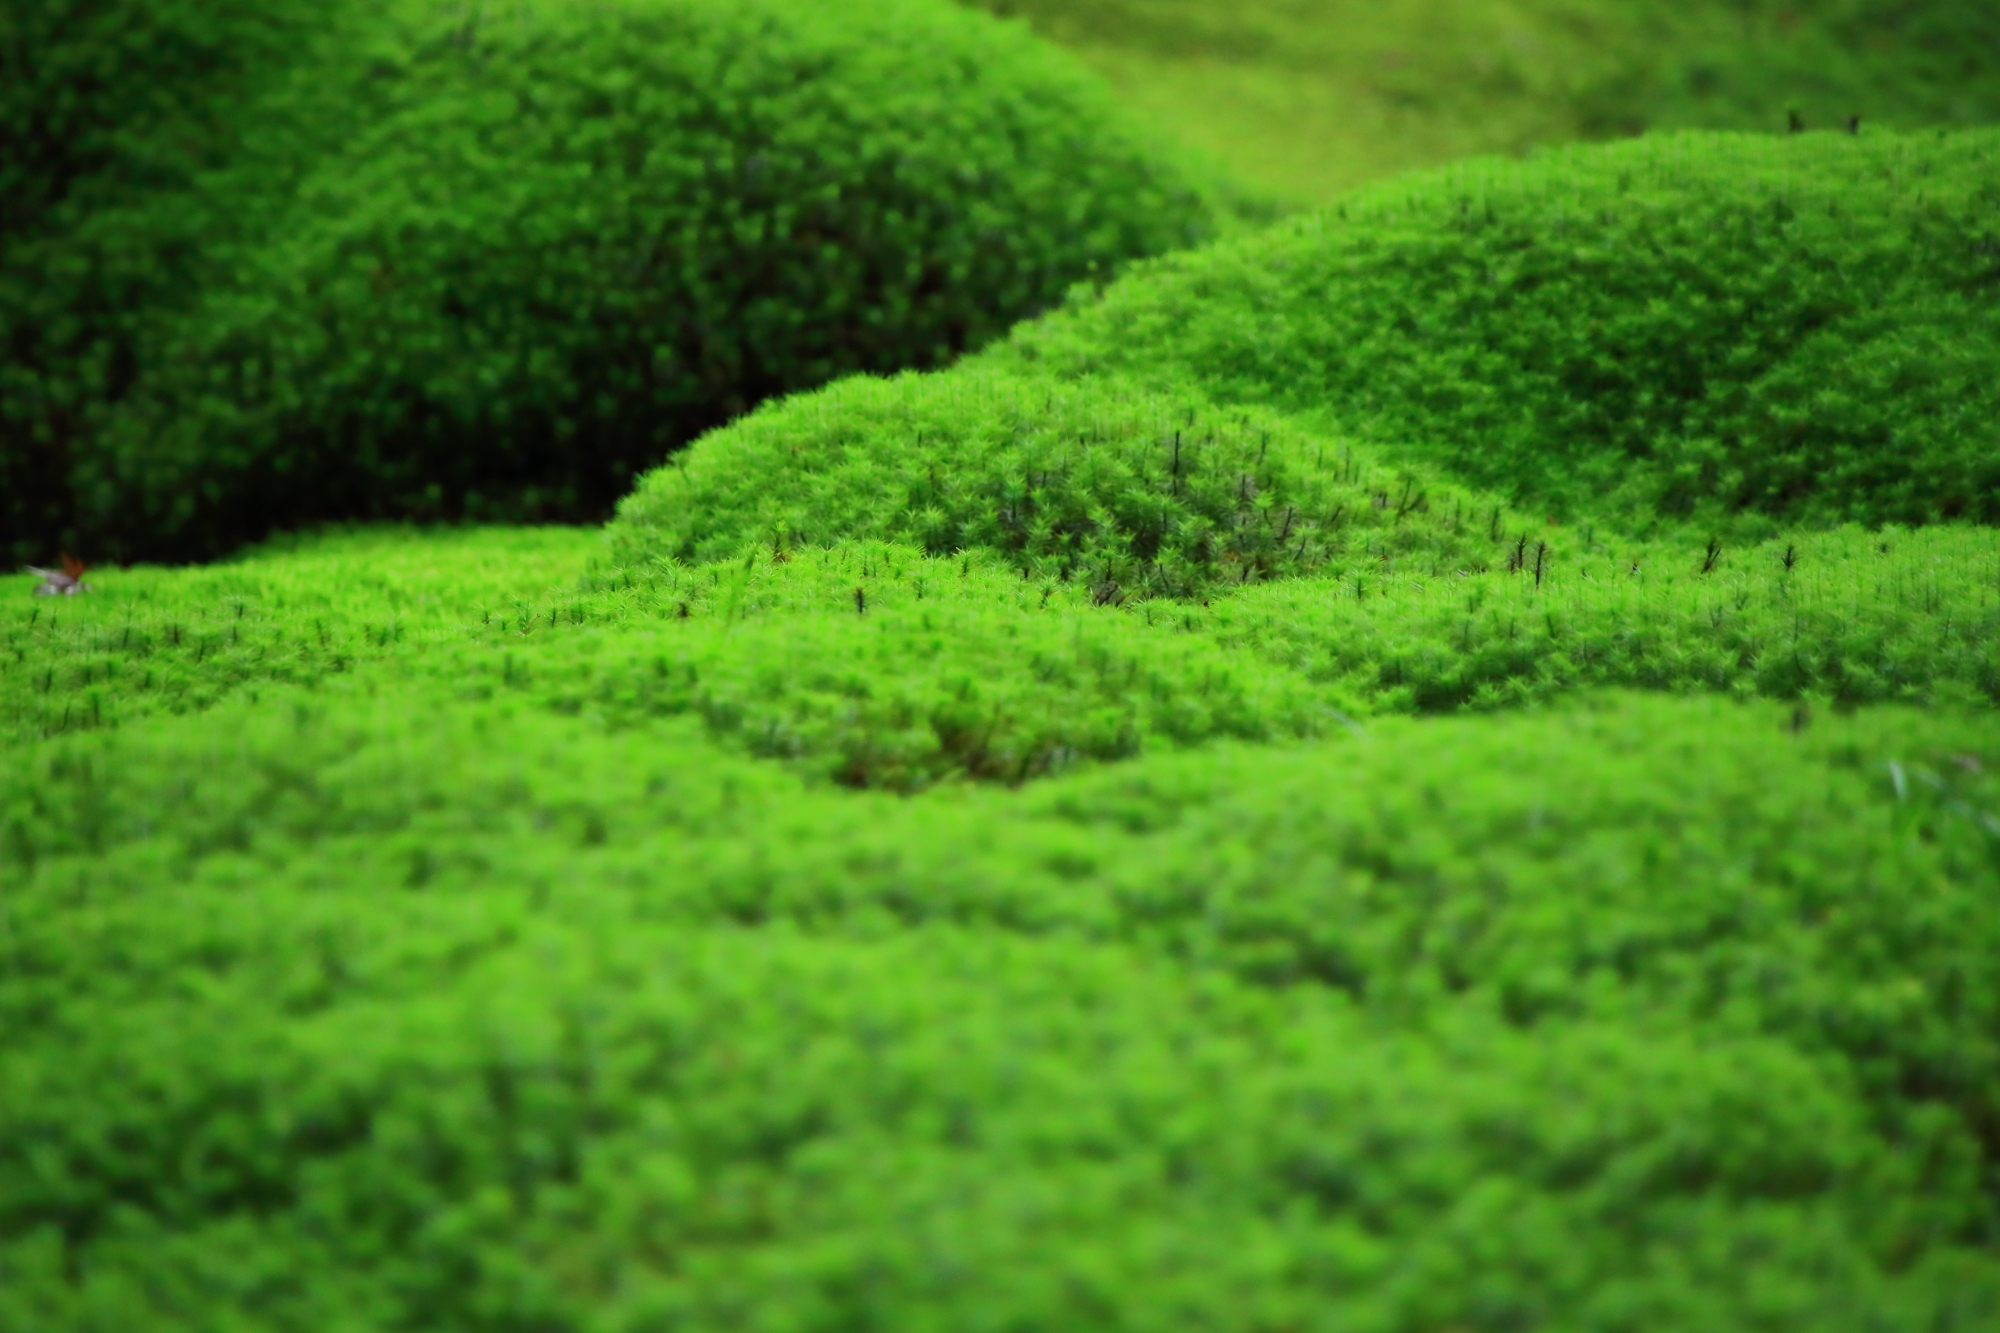 柔らかく優しそうな緑の苔